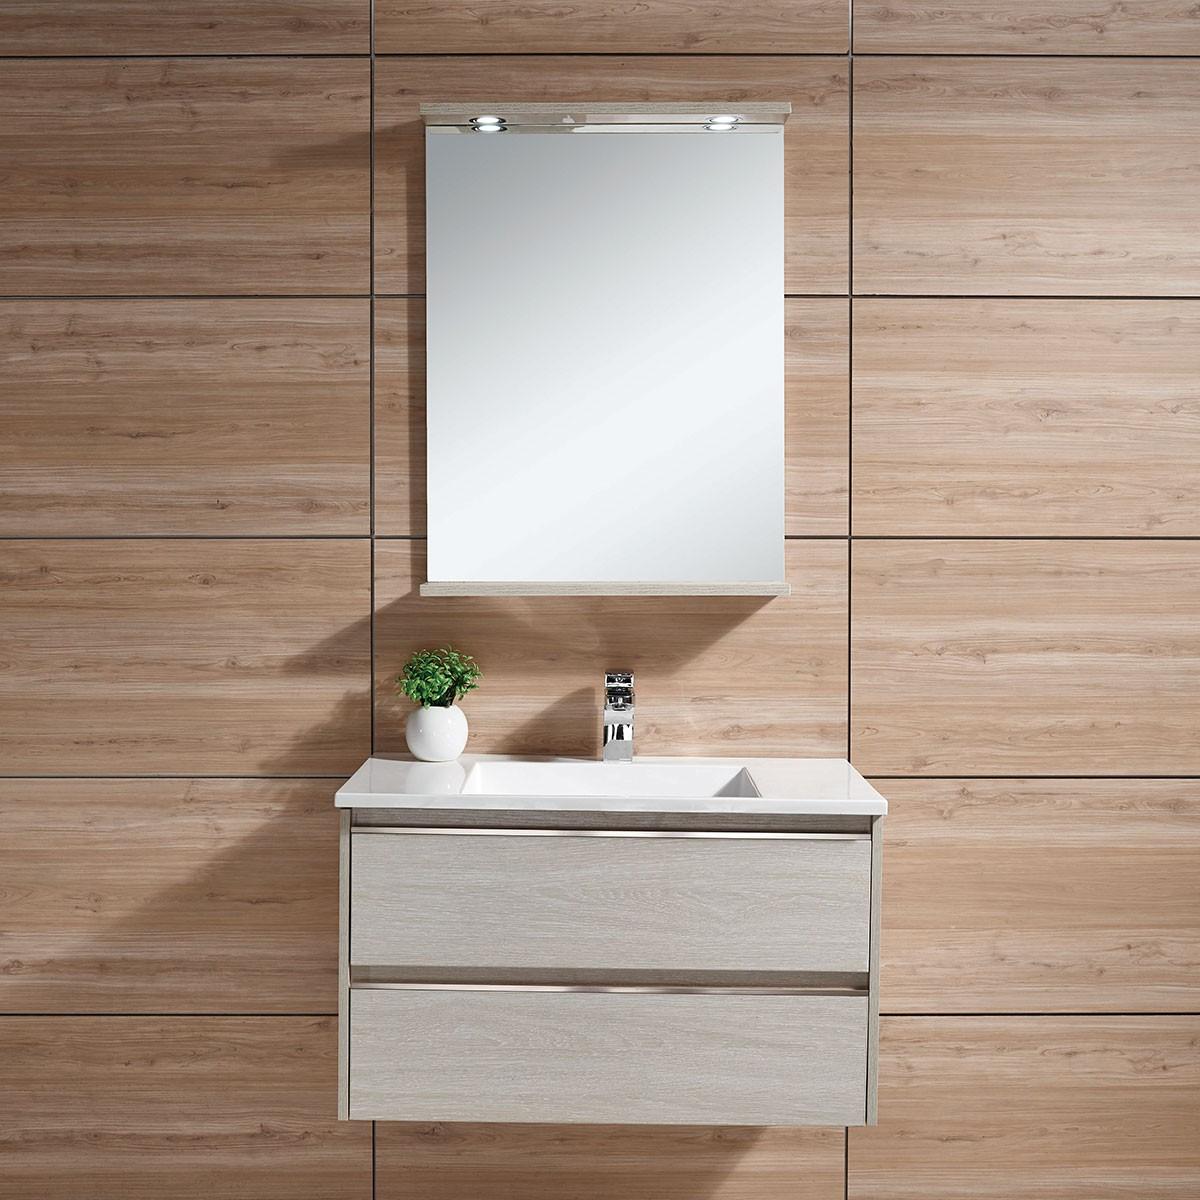 31 po Meuble Salle de Bain Suspendu au Mur à Lavabo Simple avec Miroir et Lampe (DK-603800-SET)